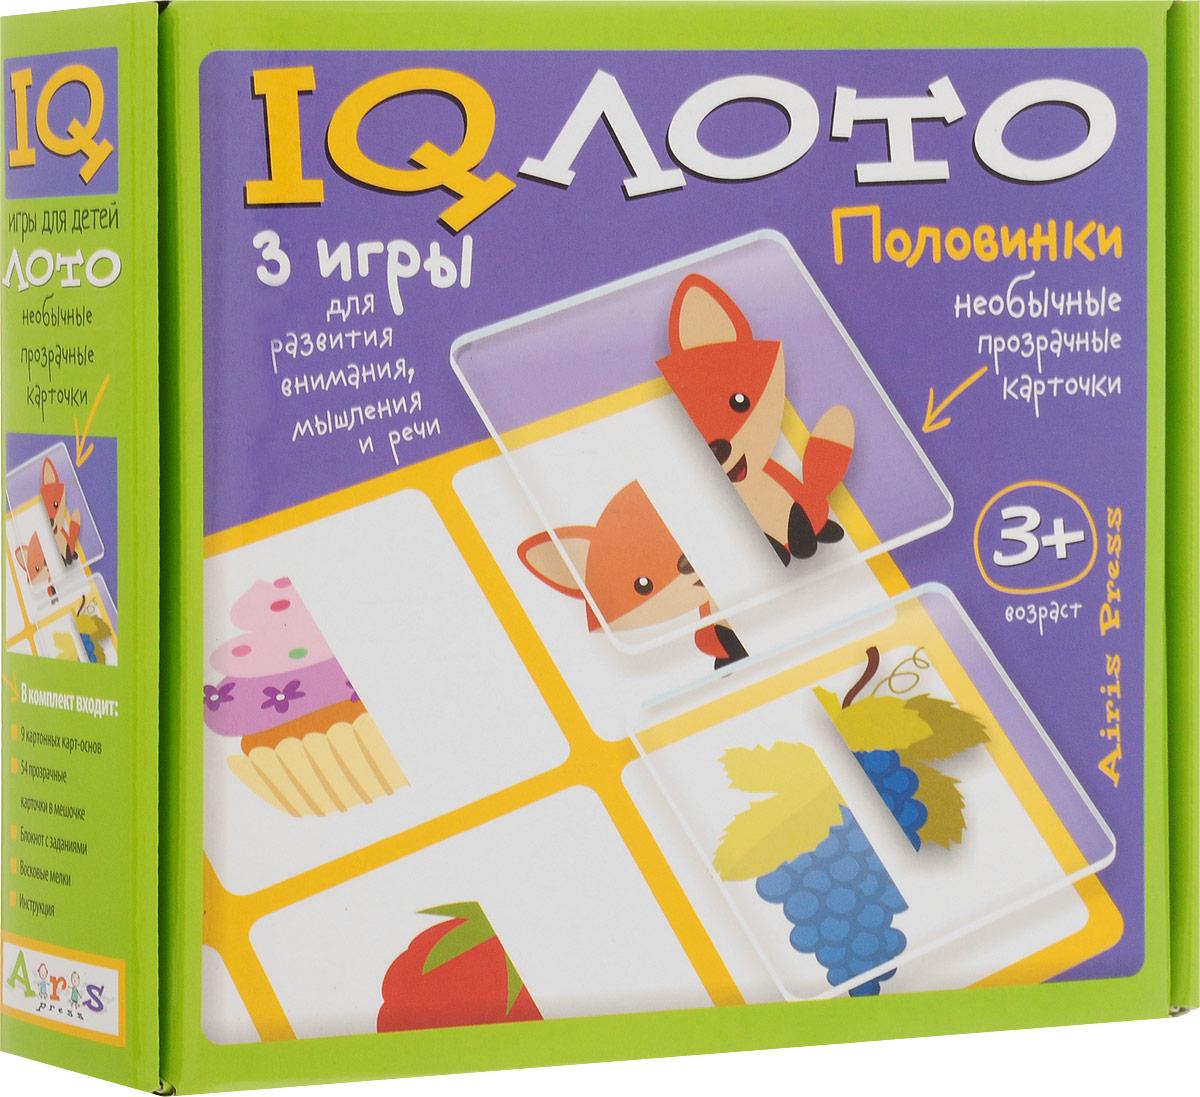 Айрис-пресс Обучающая игра Половинки 3 в 1 айрис пресс обучающая игра iq кубики силуэты 50 игр для развития интеллекта